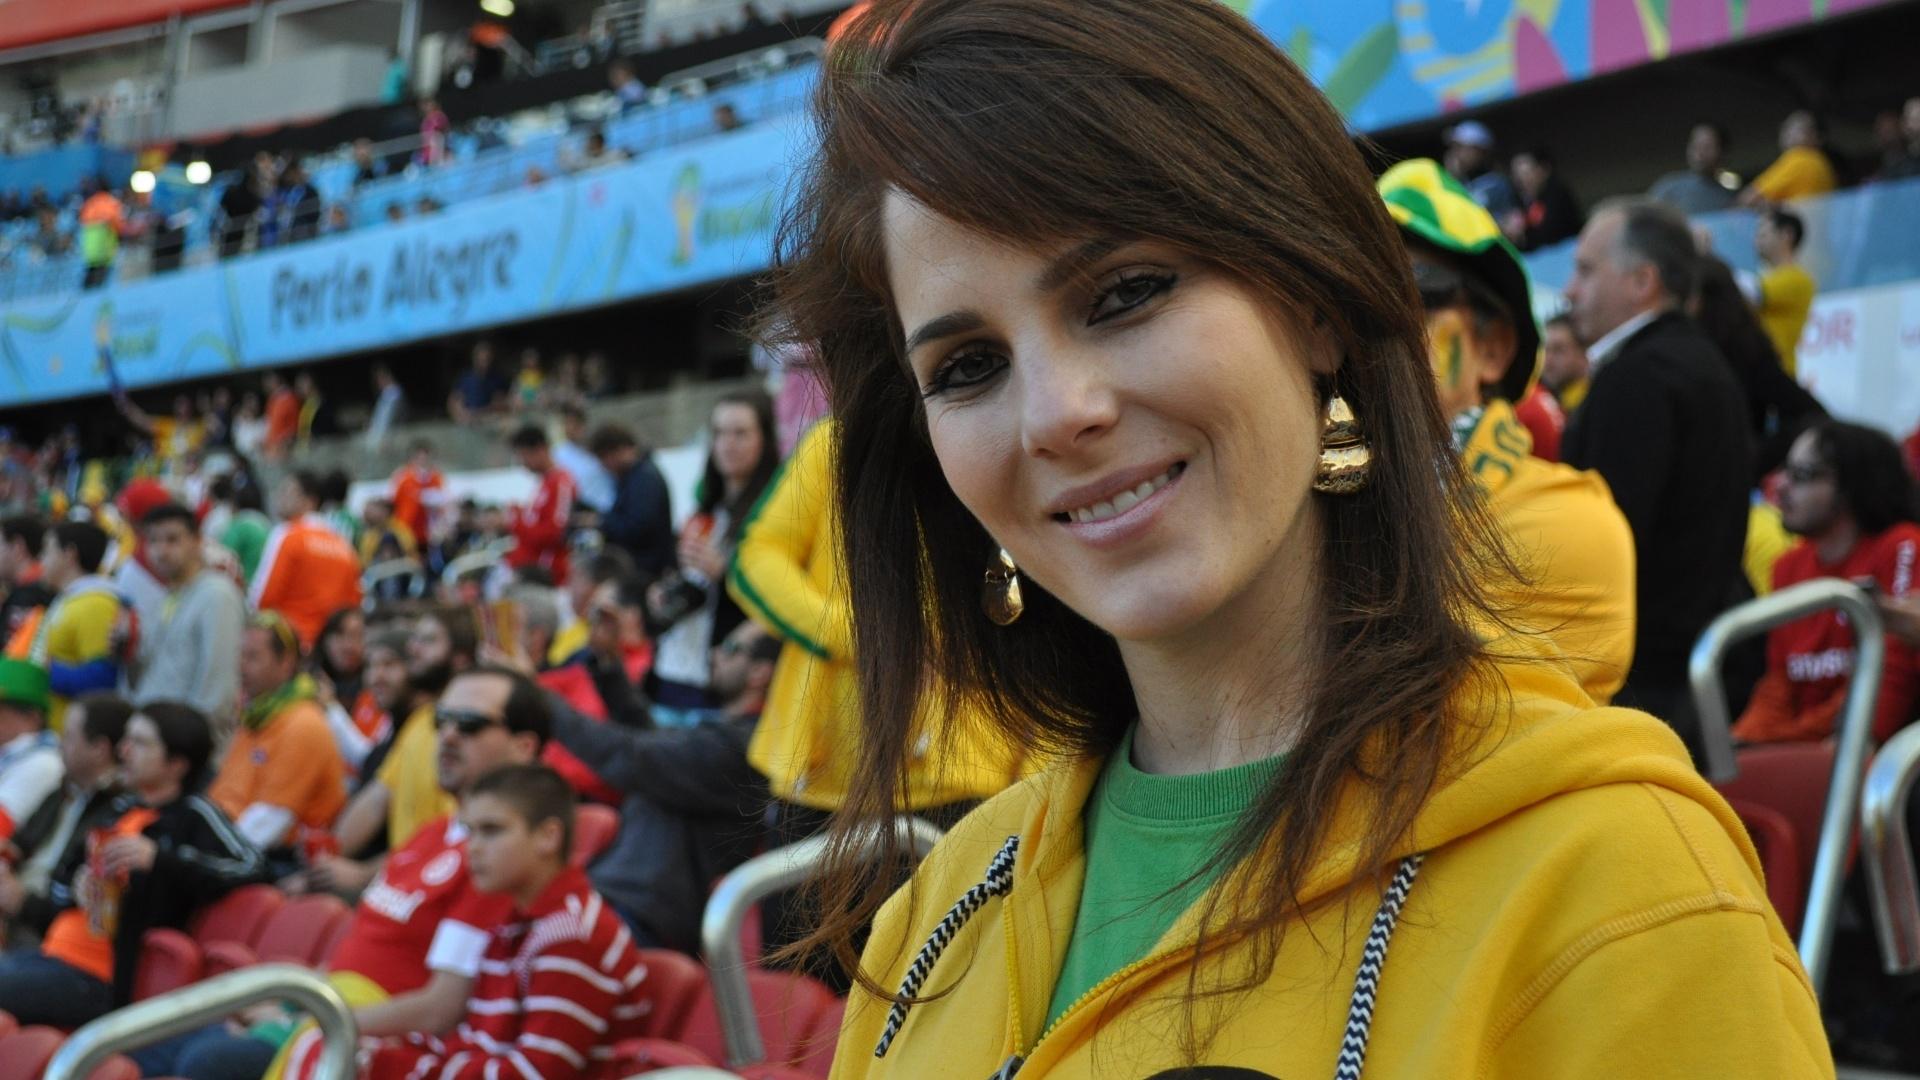 Torcedora de verde e amarelo mostra seu apoio pela Austrália contra a Holanda